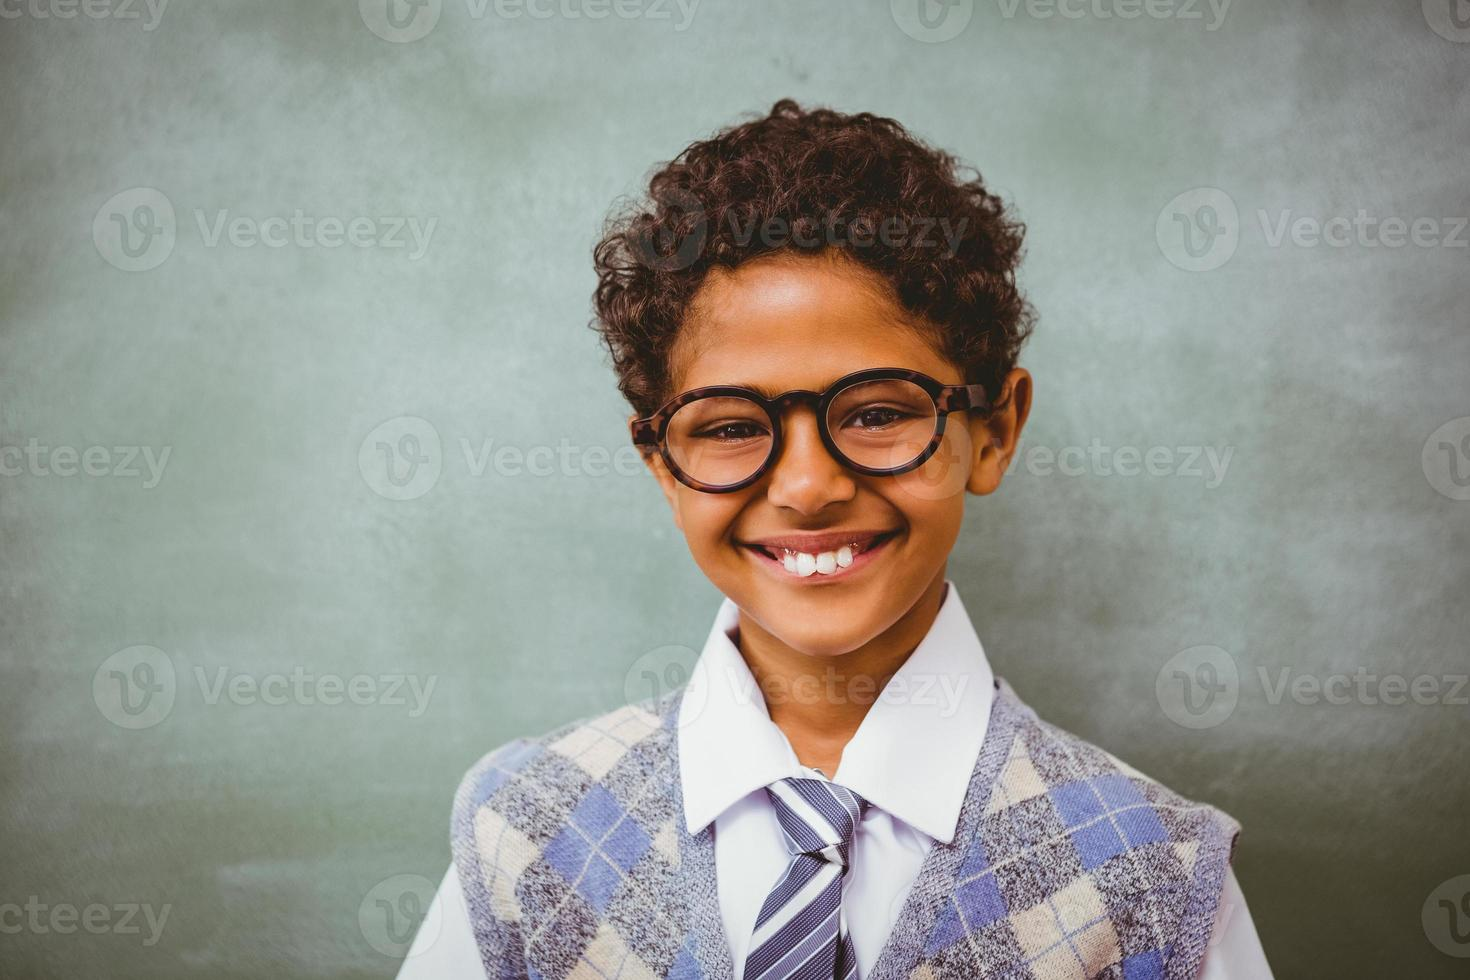 ragazzino sveglio che sorride nell'aula foto